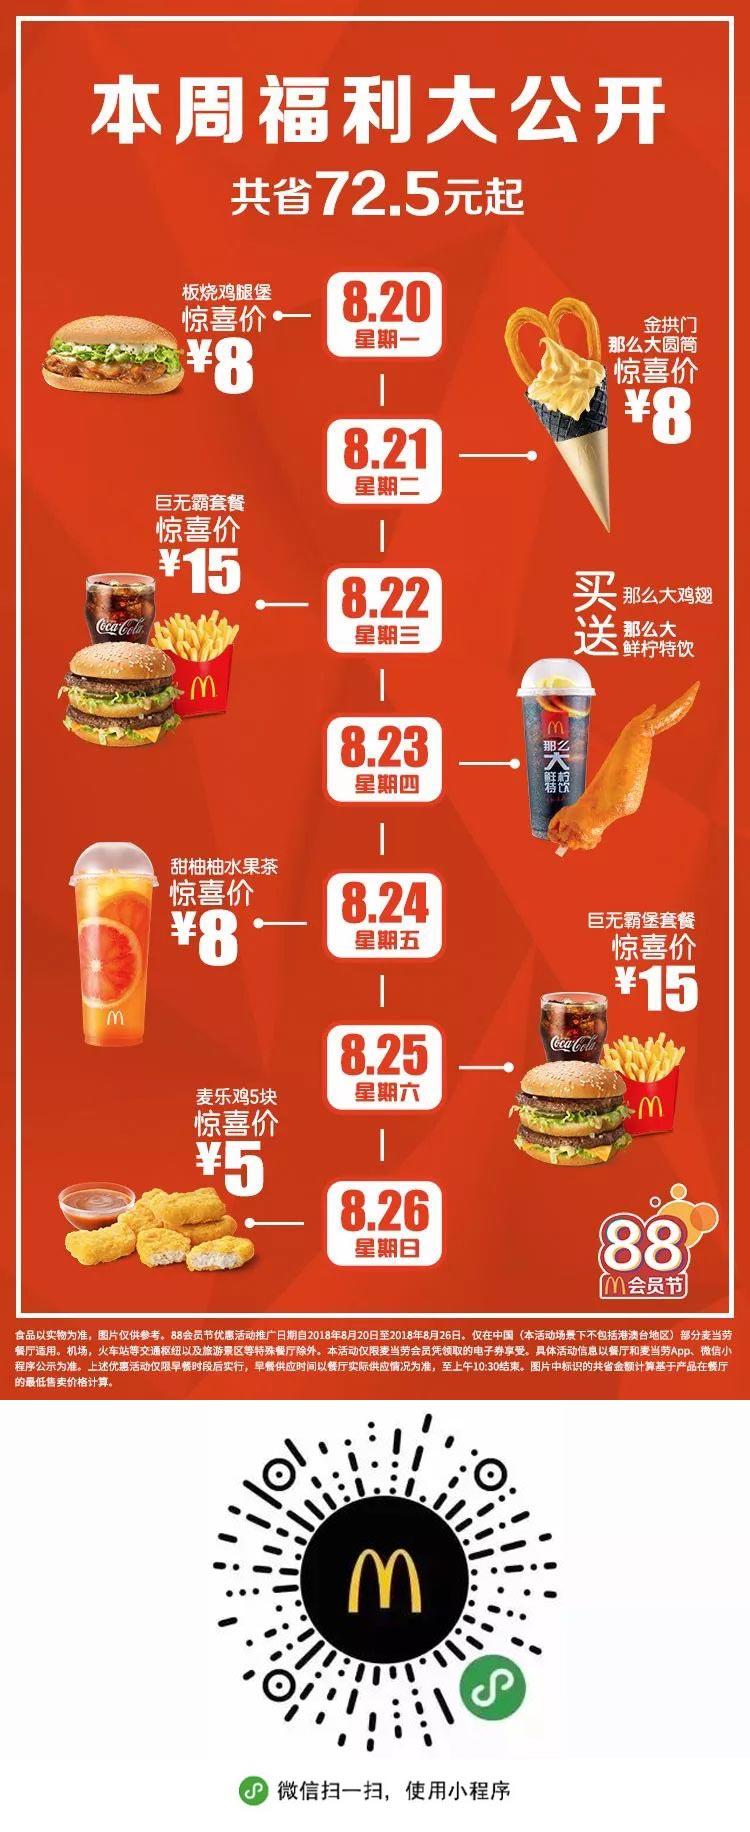 麦当劳会员节8.20-26优惠券 凭券享5元麦乐鸡、8元汉堡饮料甜品、15元巨无霸套餐 有效期至:2018年8月26日 www.5ikfc.com